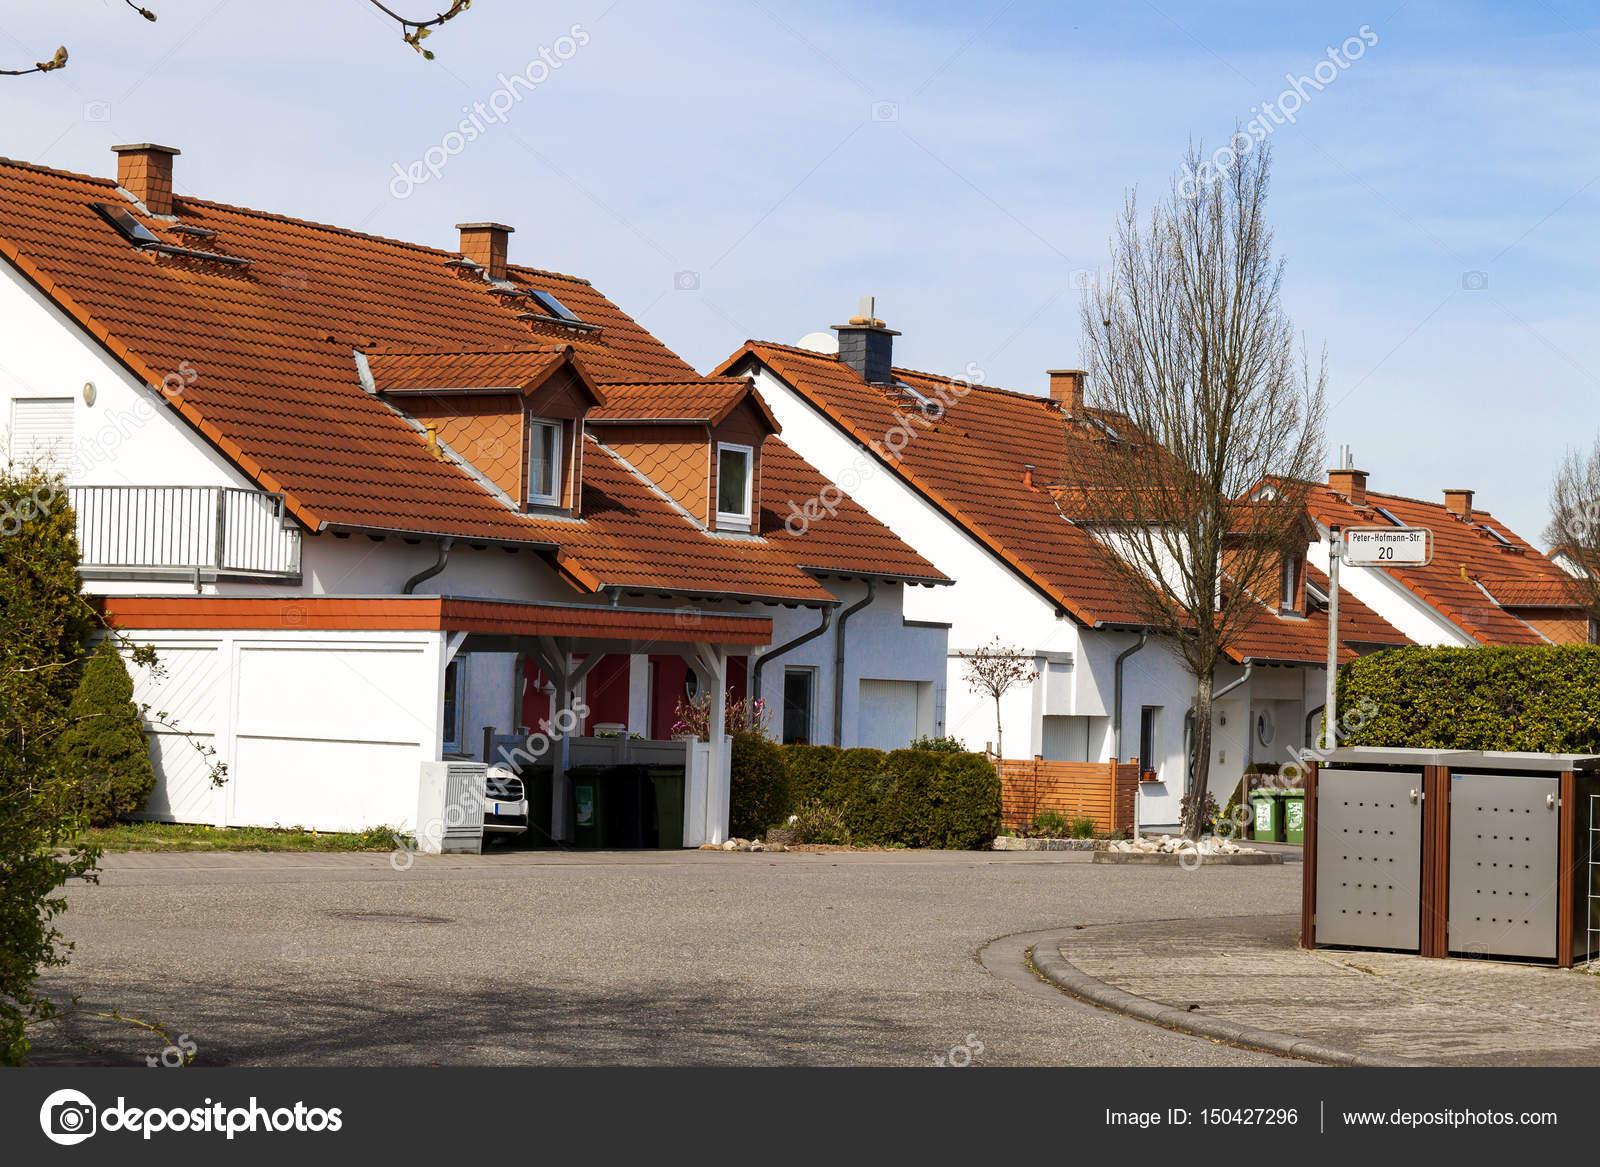 Clásico alemán residencial casas con tejas de naranja y — Foto de ...